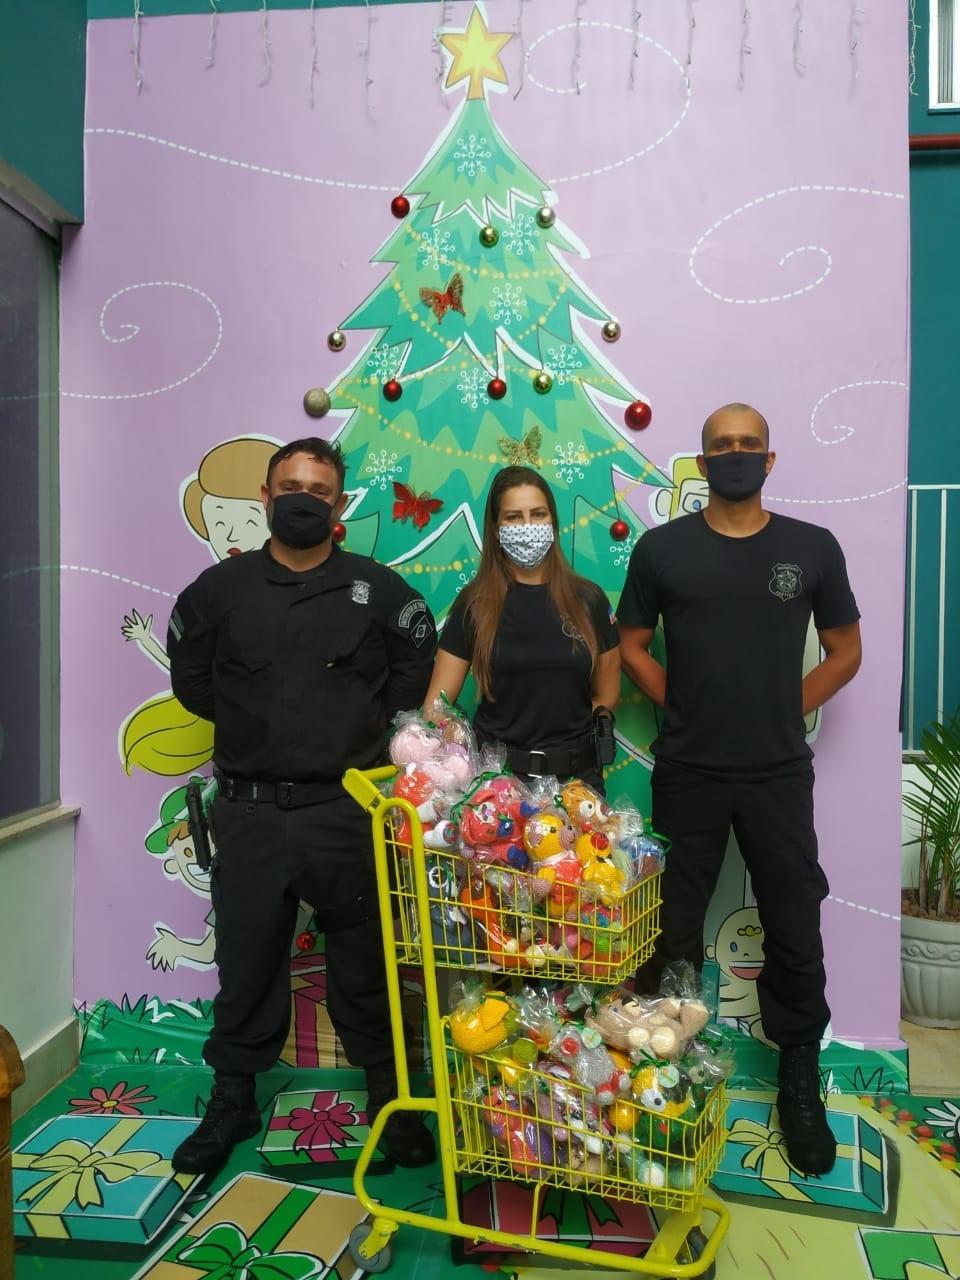 Unidades prisionais fazem doação de brinquedos a crianças de Cachoeiro de Itapemirim